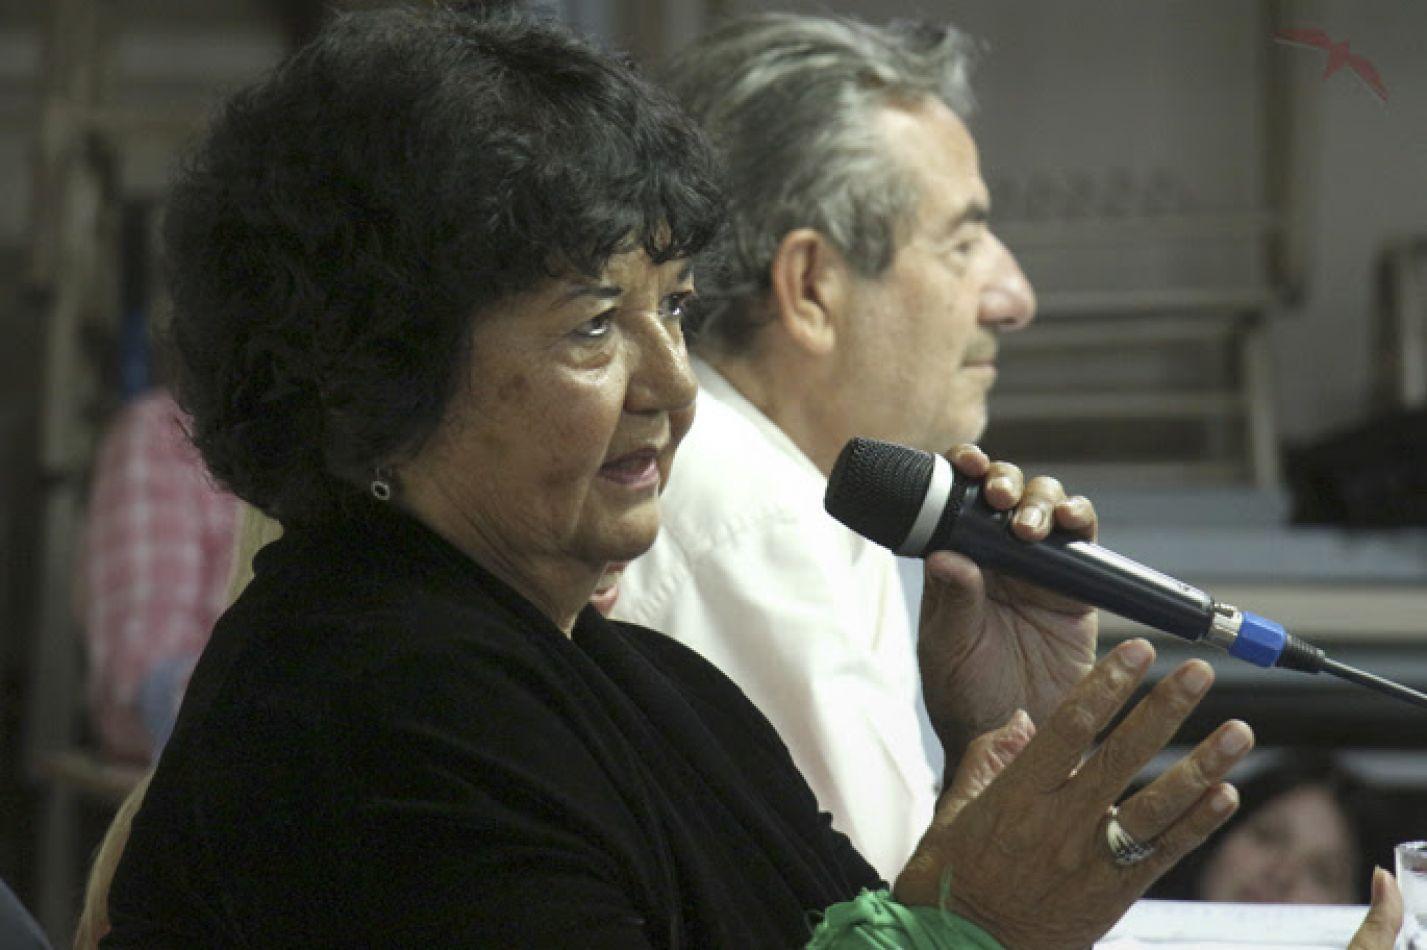 Socióloga, historiadora y feminista argentina, Dora Barrancos y el sociólogo de renombre internacional Fortunato Mallimaci